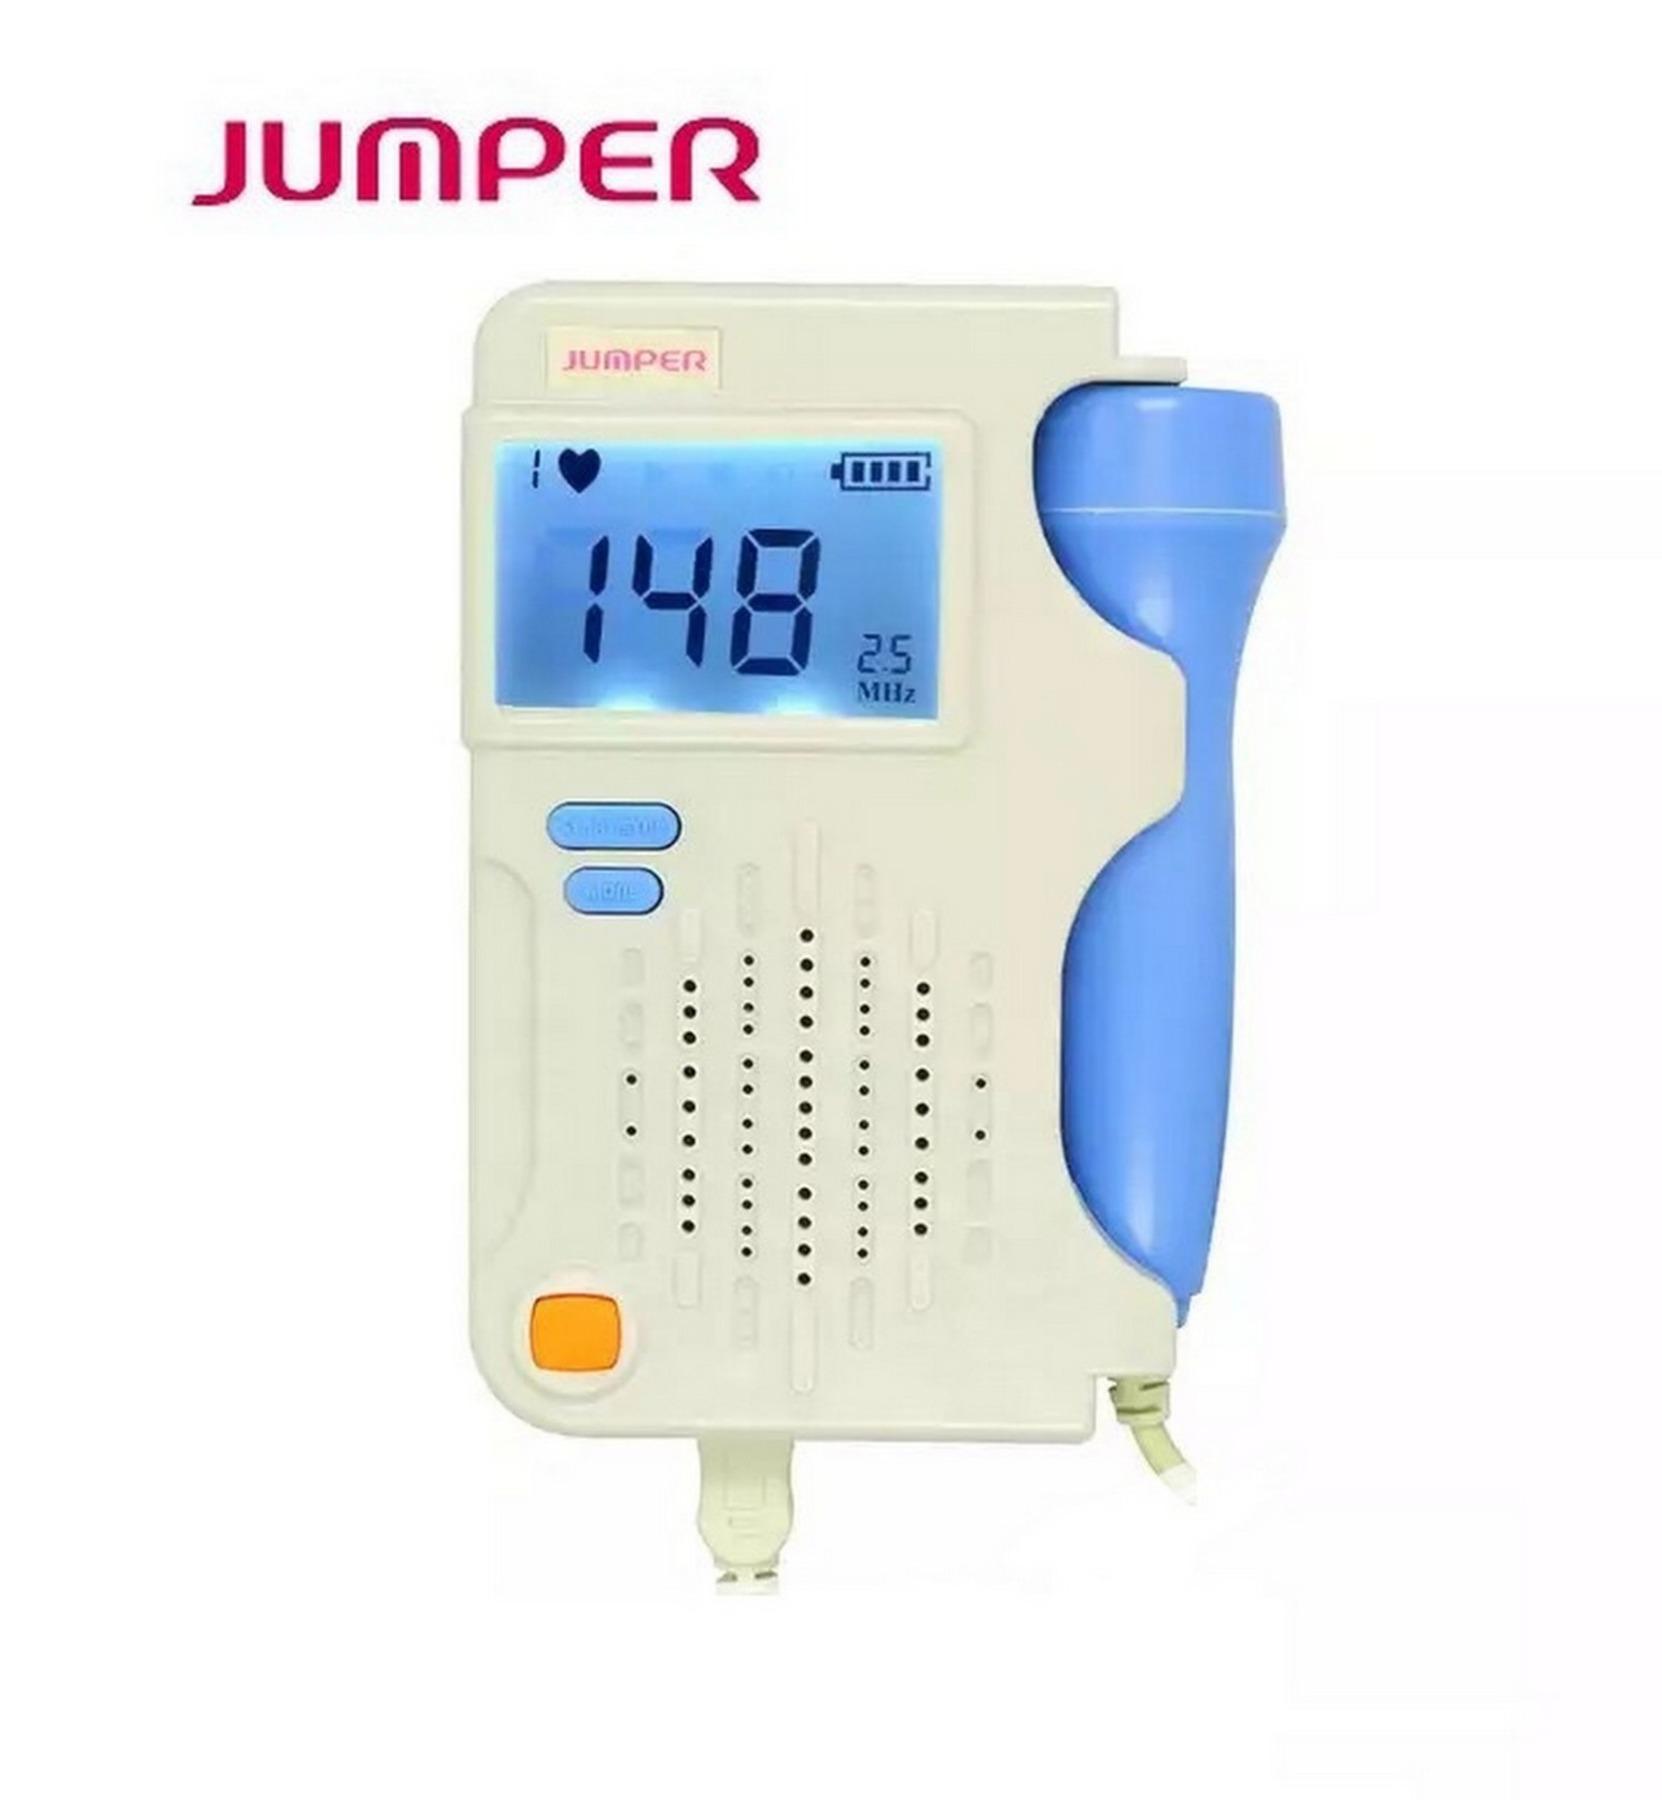 Фетальный допплер <br>чувствительный<br> на ранних сроках <br><b>JPD-100B+</b>